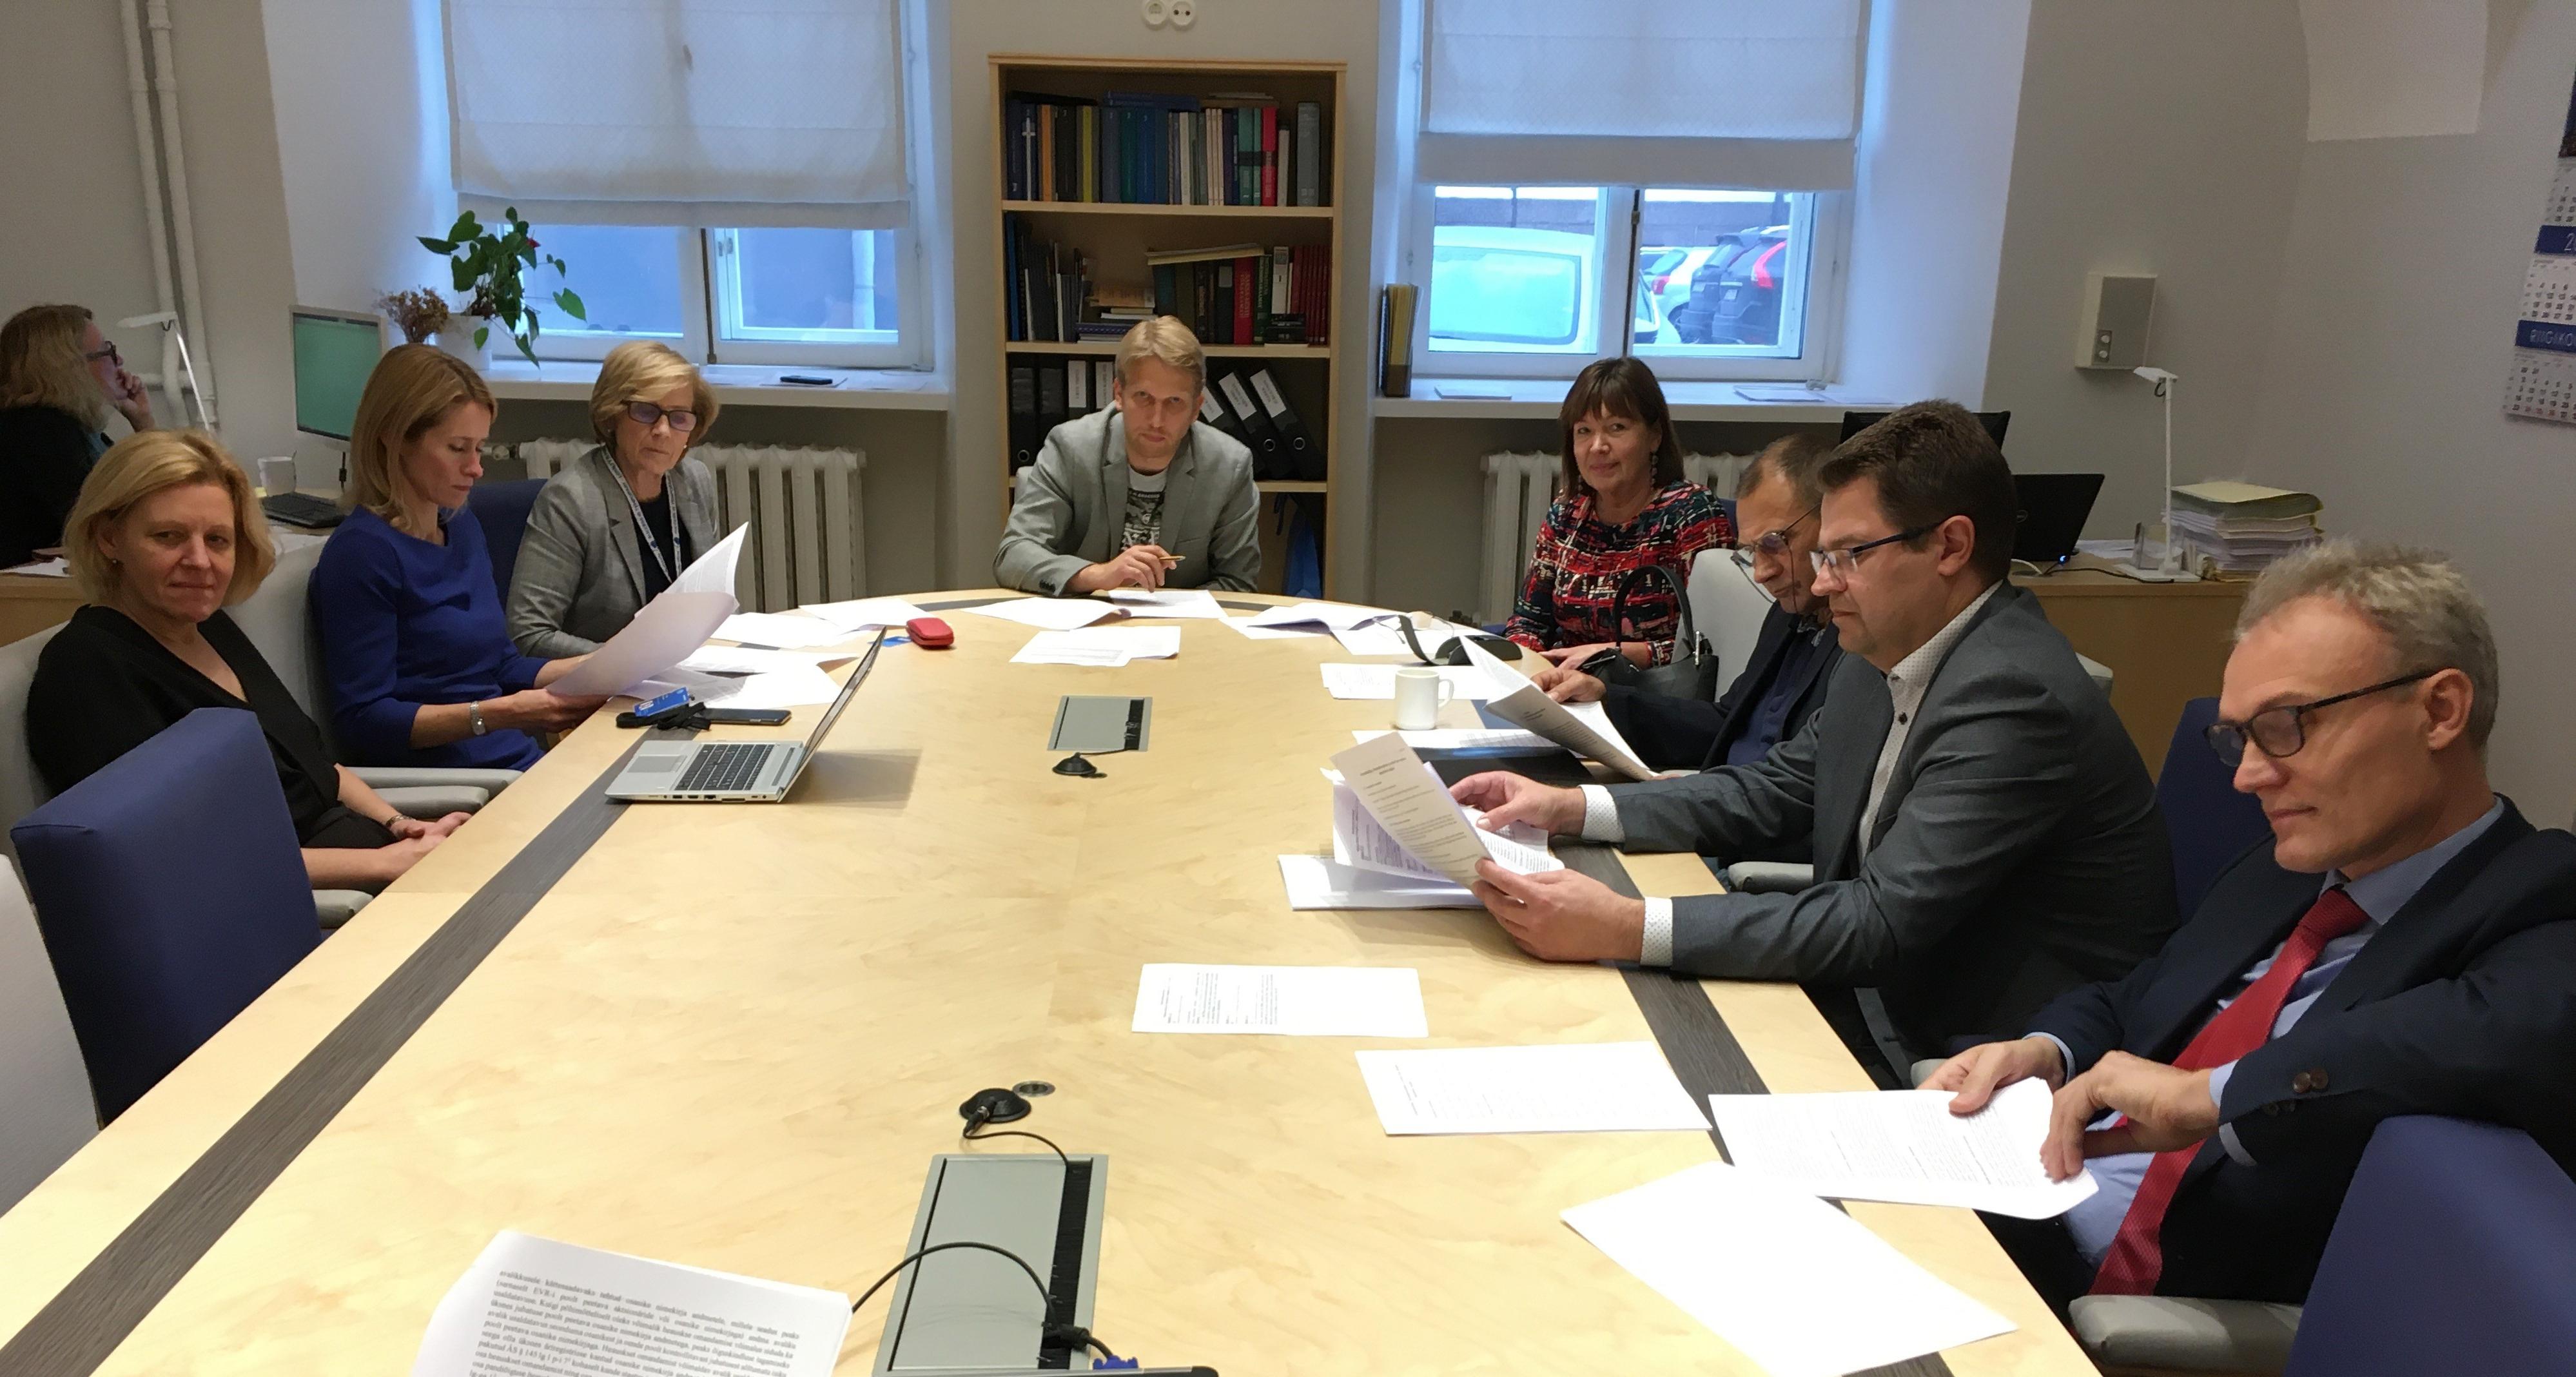 Õiguskomisjon soovib kaotada idufirmade välisinvesteeringuid tõkestavad piirangud